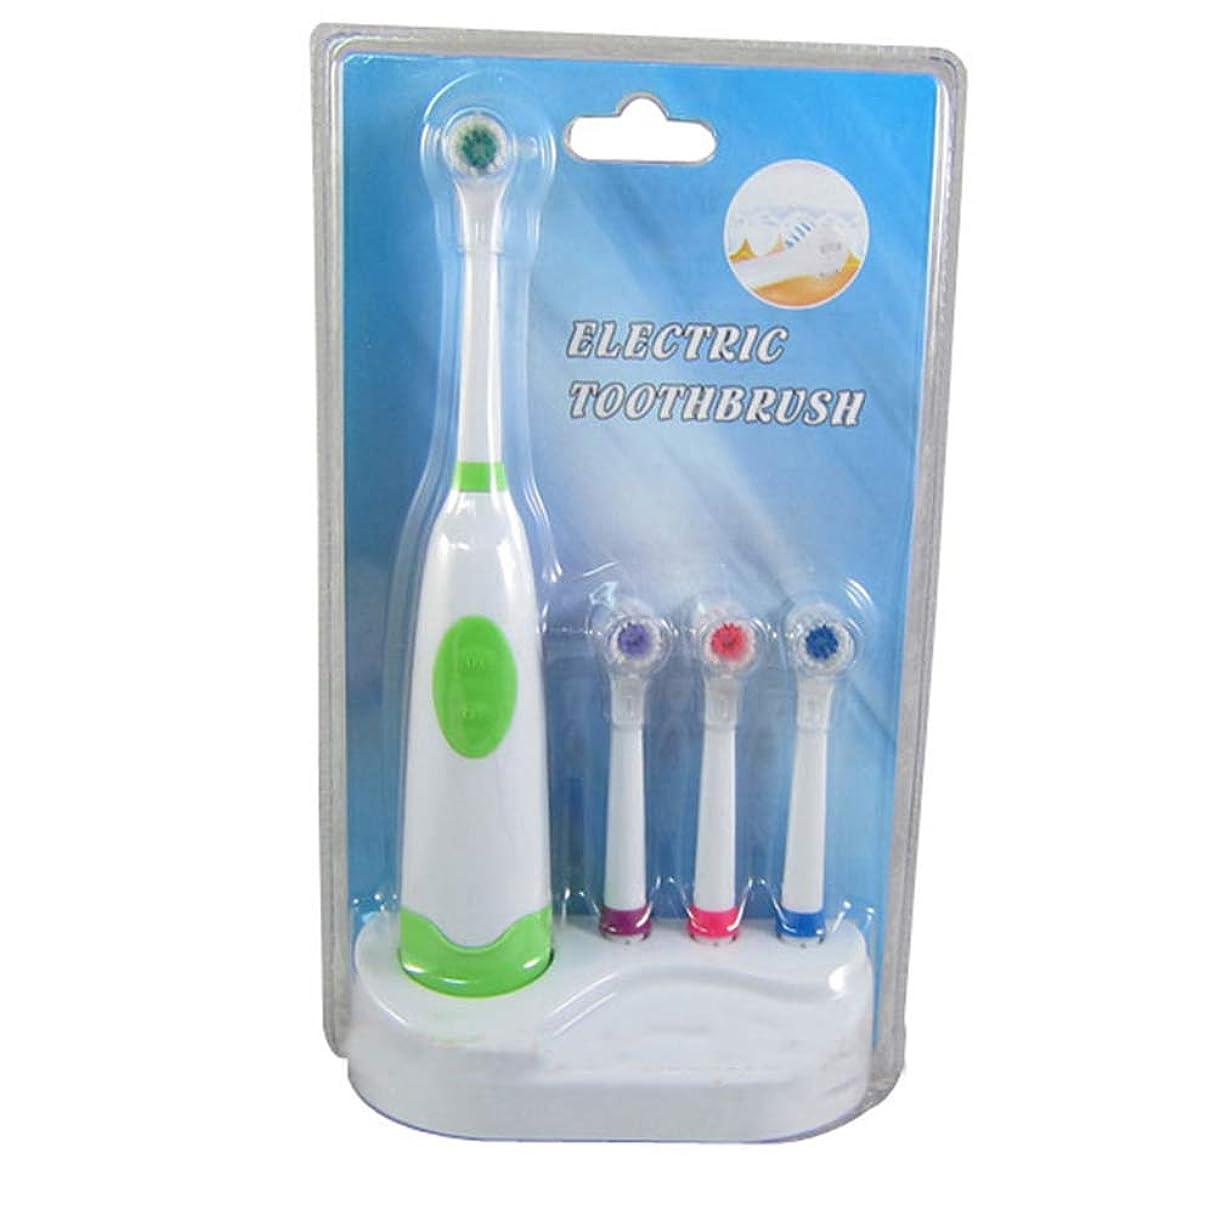 受信名前を作るブランク回転式自動電動歯ブラシ、超音波防水オーラルクリーニング、4ブラシヘッド4個付きベースシールド(バッテリーなし),A